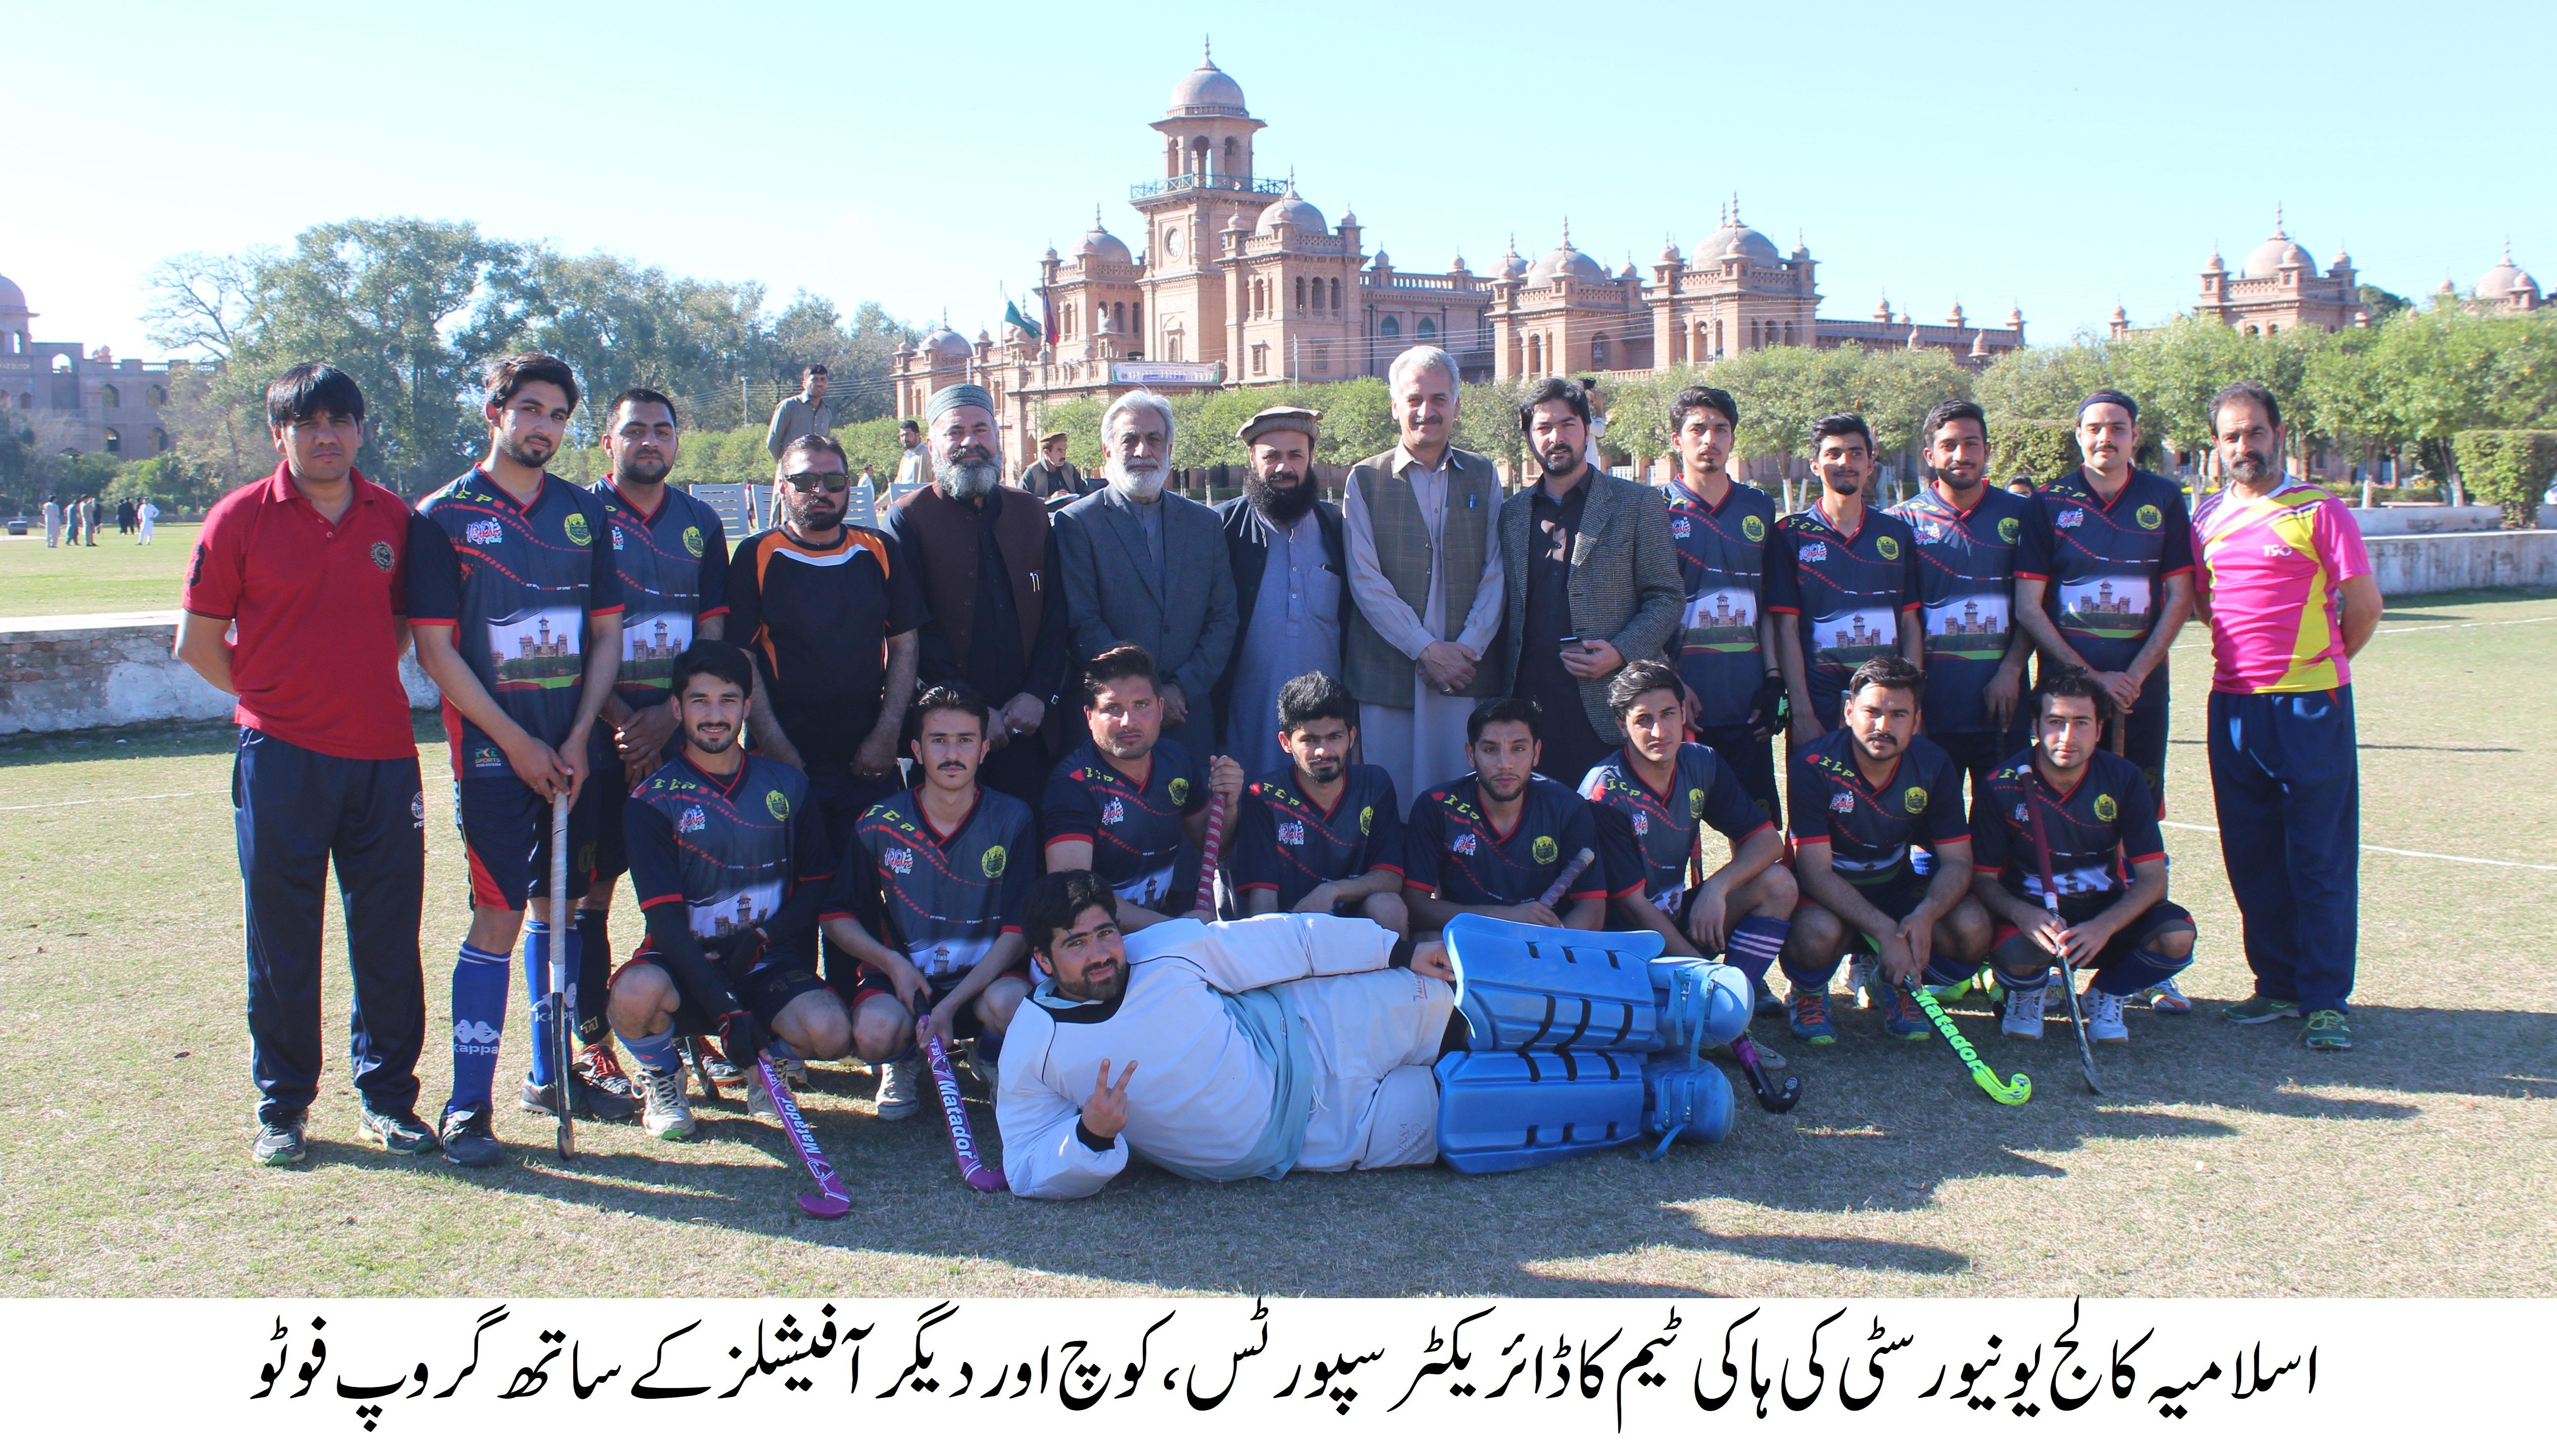 اسلامیہ کالج یونیورسٹی نے ایگریکلچرل یونیورسٹی کو فٹ بال میچ میں دے دی ، فائنل کے لئے کوالیفائی کرلیا